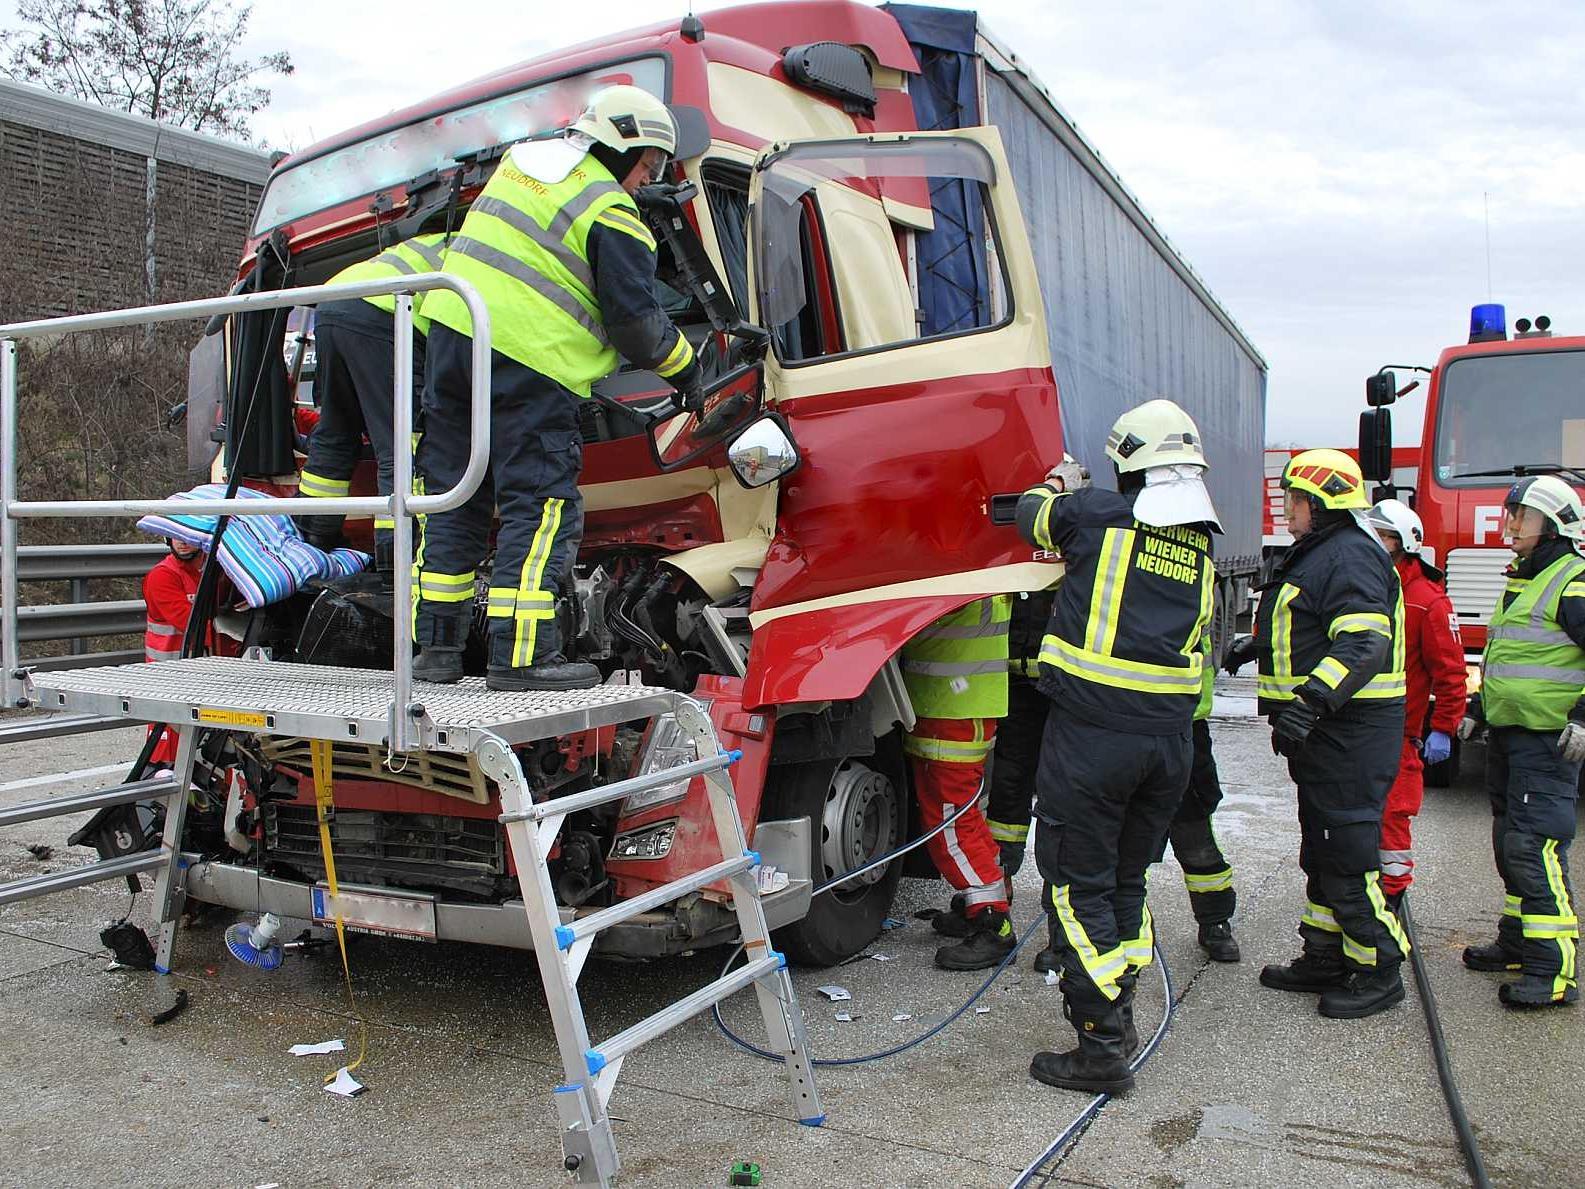 Zu einer Menschenrettung musste die Feuerwehr bei Wiener Neustadt ausrücken